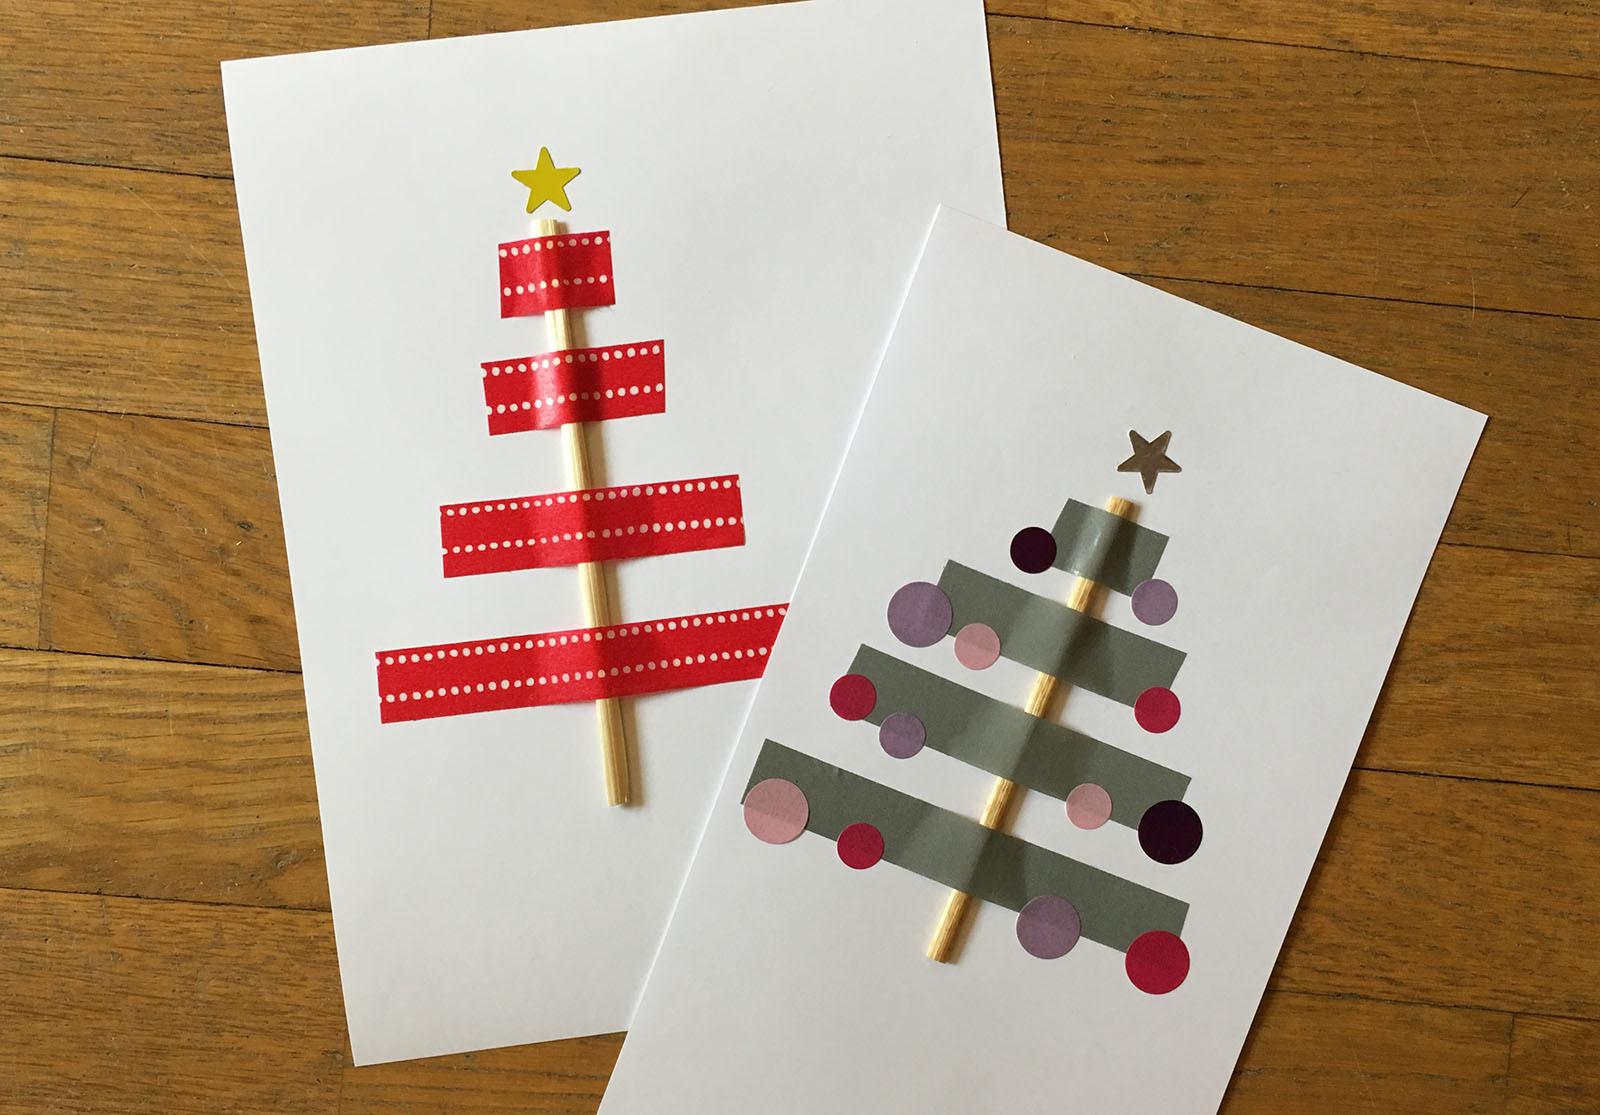 Activité Manuelle : La Carte Sapin De Noël - Family Sphere tout Activités Manuelles 3 Ans Pour Noel